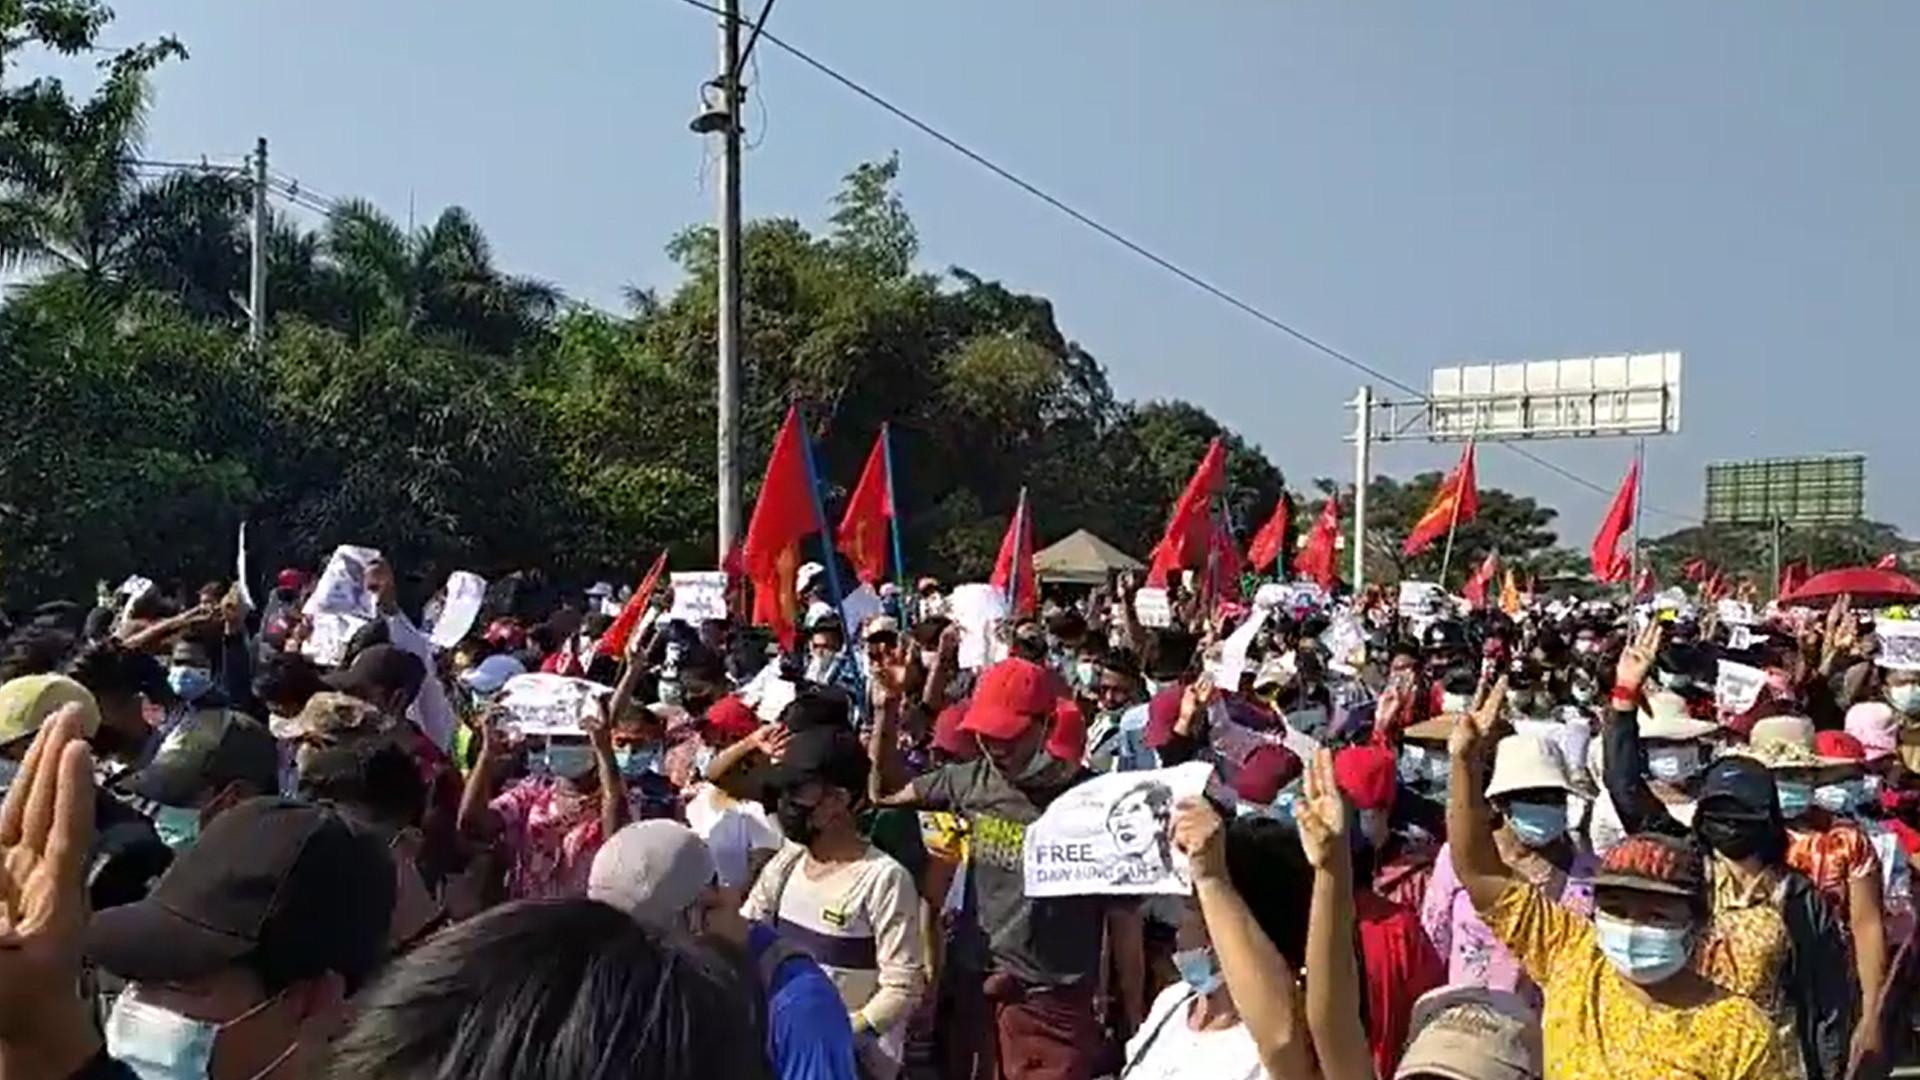 ผู้ประท้วงต้านรัฐประหารที่หล่ายตายา ชานเมืองย่างกรุง (ที่มา: Myanmar Labour News)